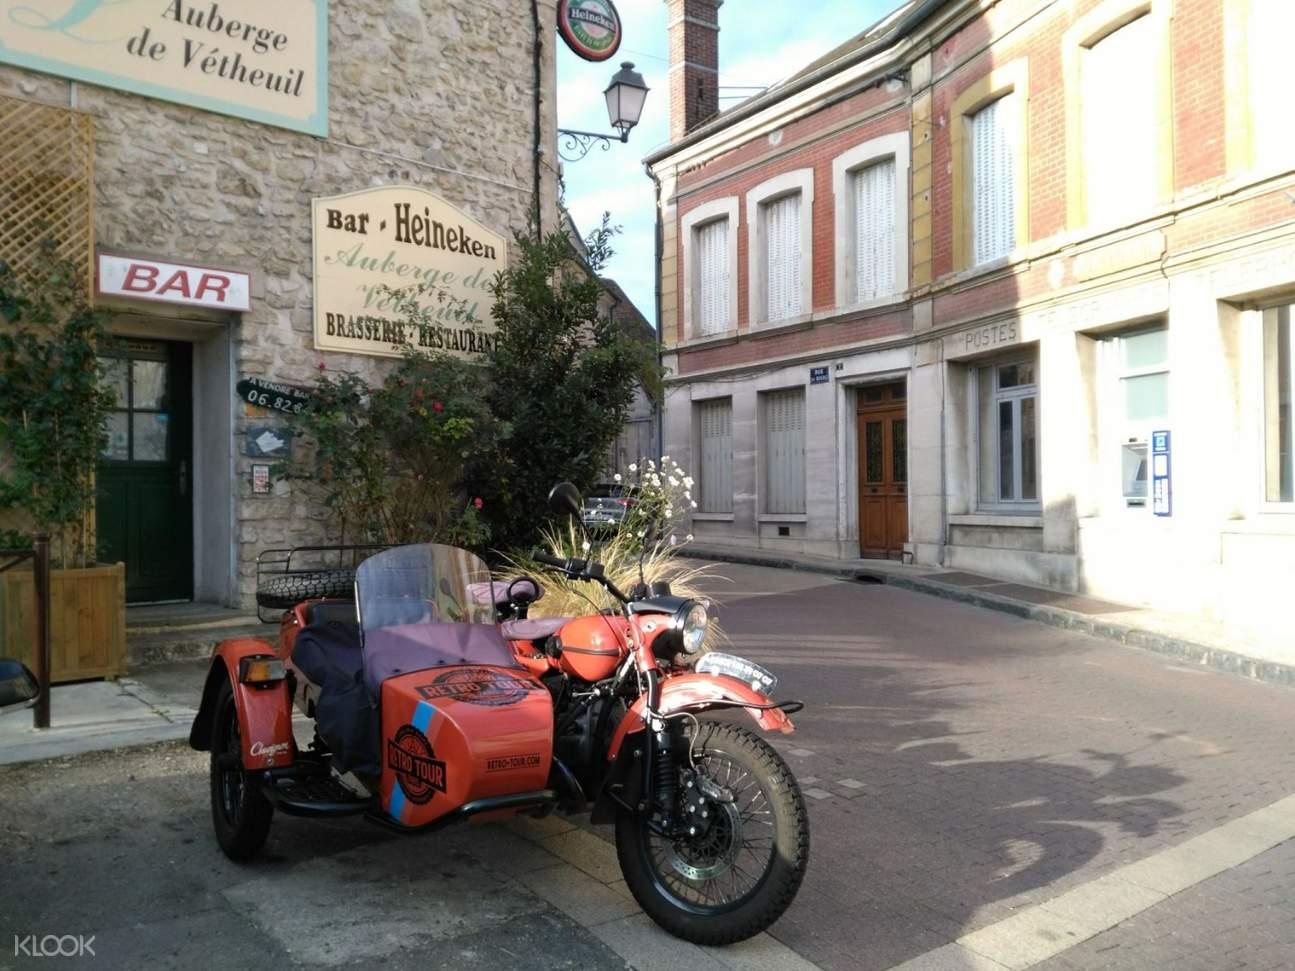 乘坐軍事復古風Ural敞篷摩托車邊車穿梭於巴黎街道,感受馳騁快感